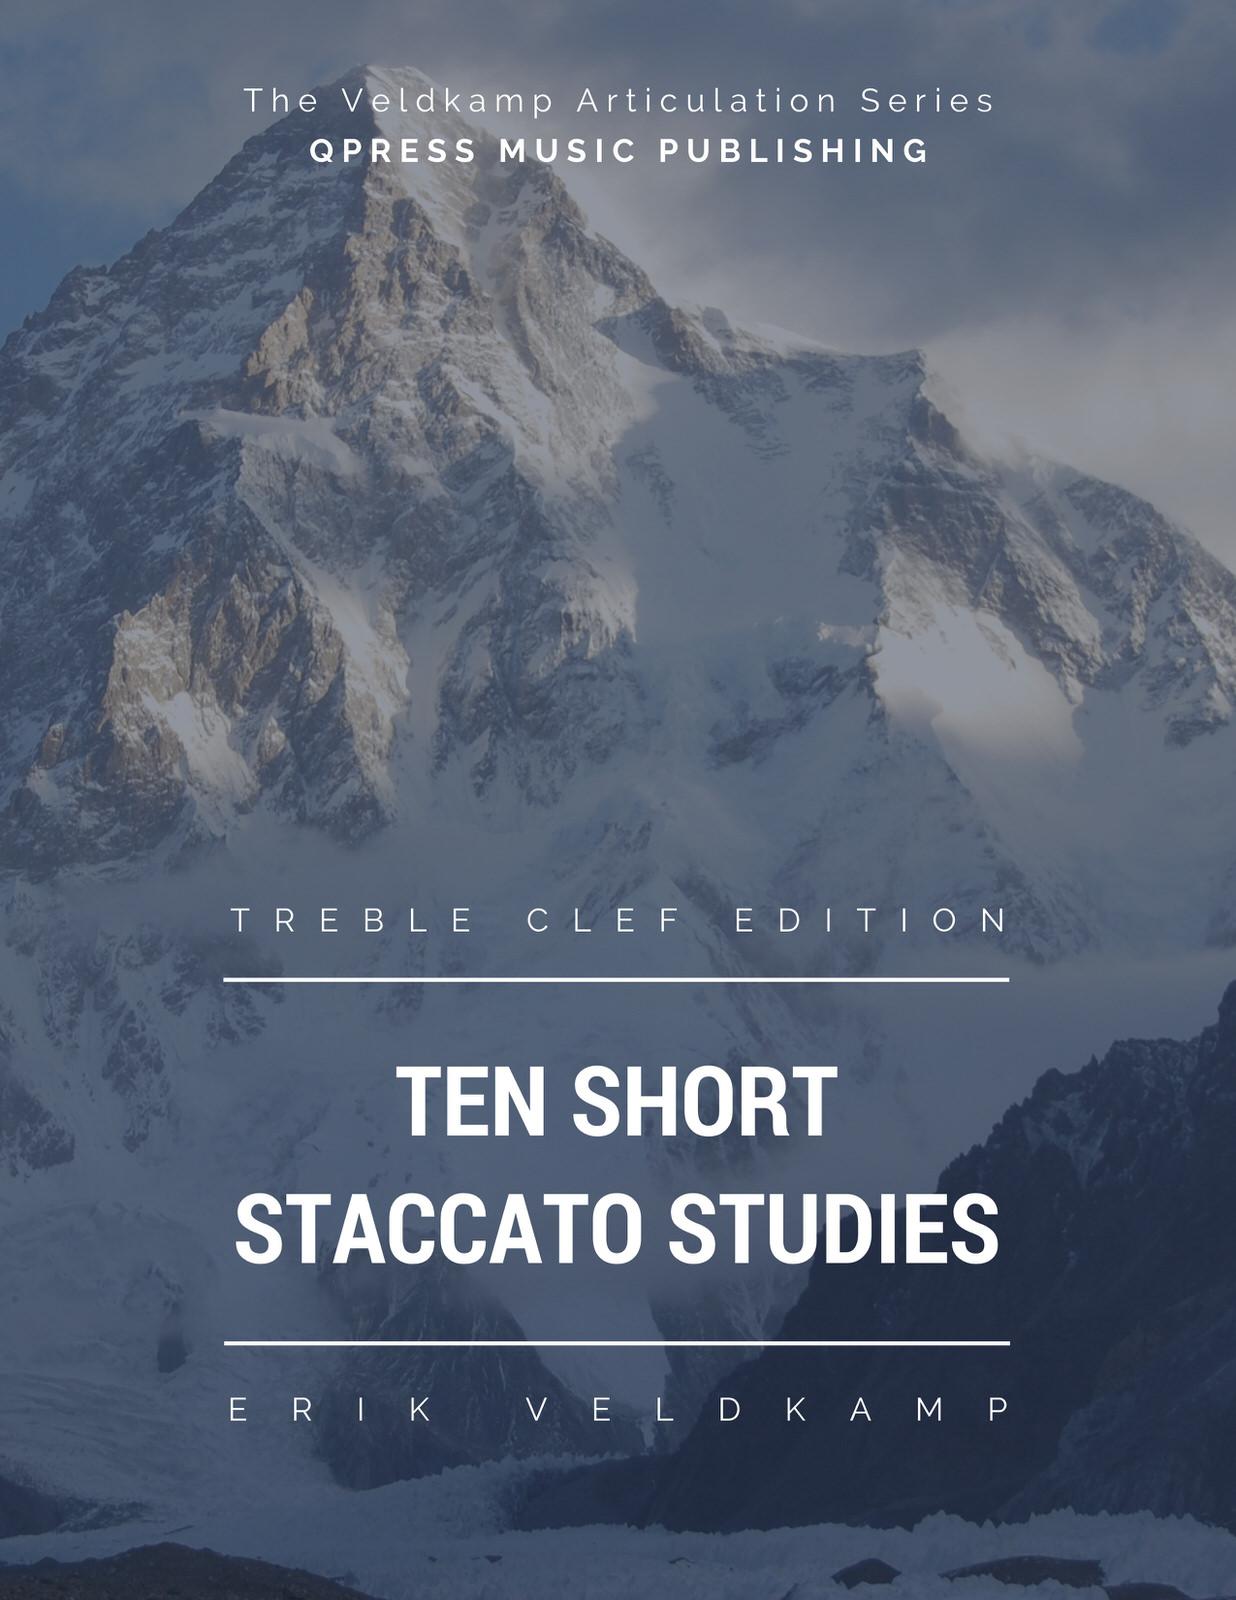 Veldkamp, 10 Short Staccato Studies